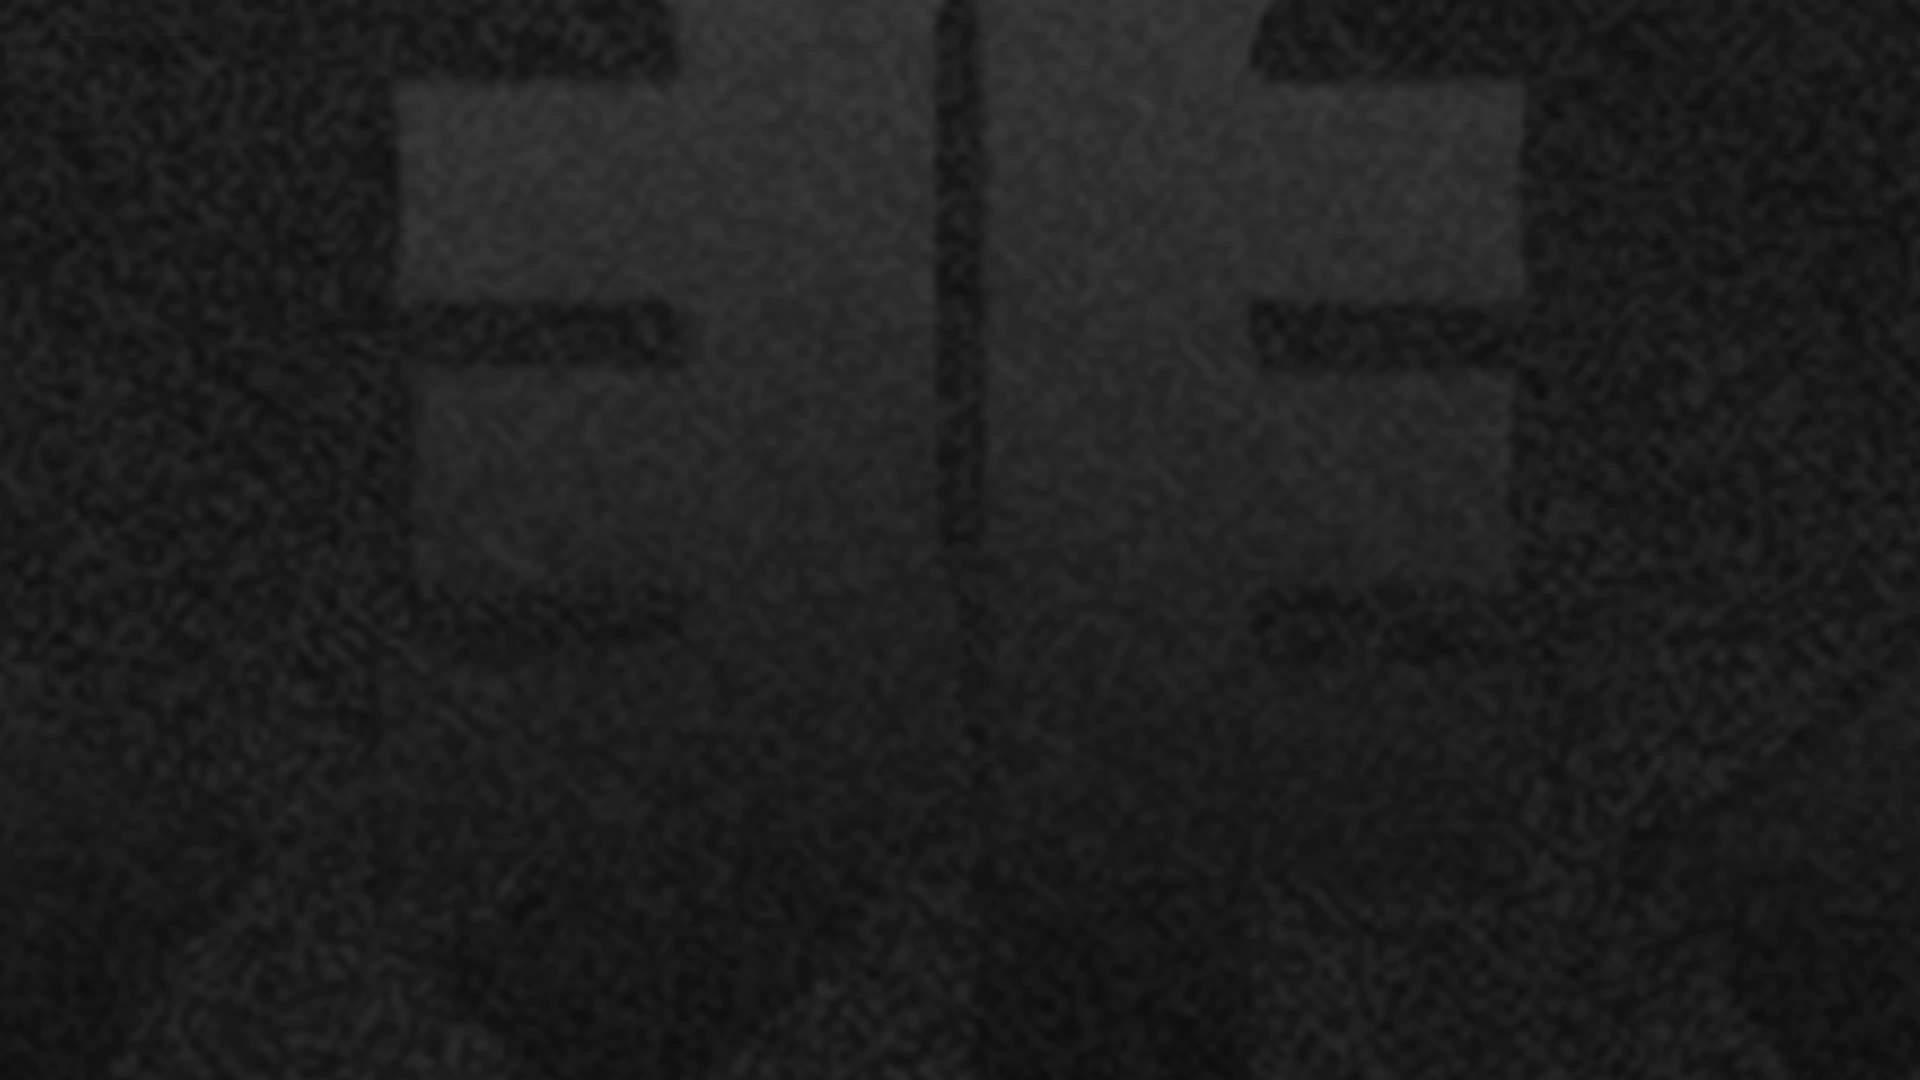 ヒトニアラヅNo.02 姿と全体の流れを公開 ギャル  60PIX 8